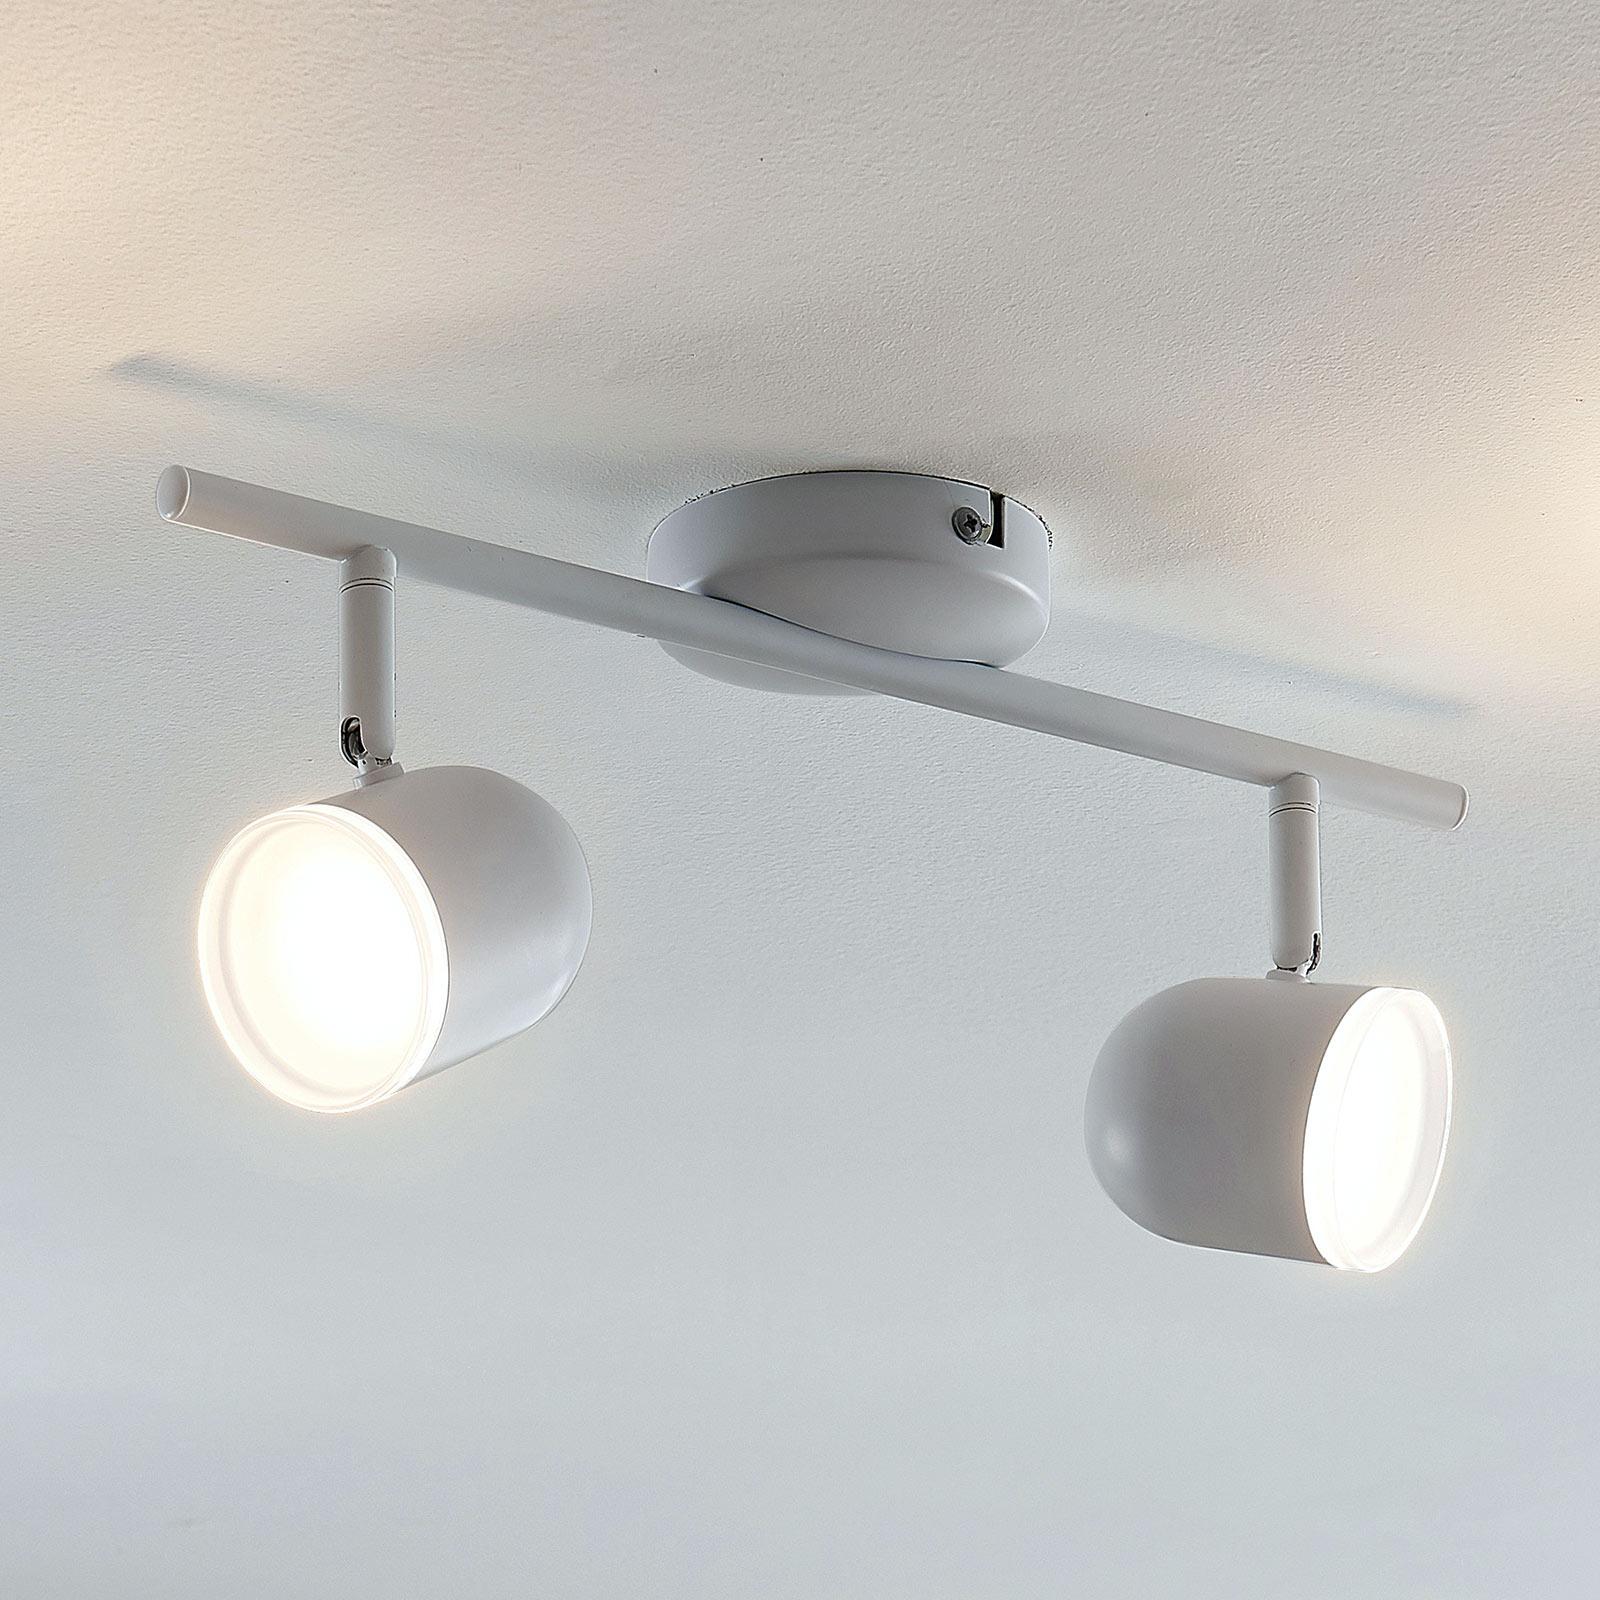 Lindby Ilka LED-Deckenlampe, weiß, 2-flammig